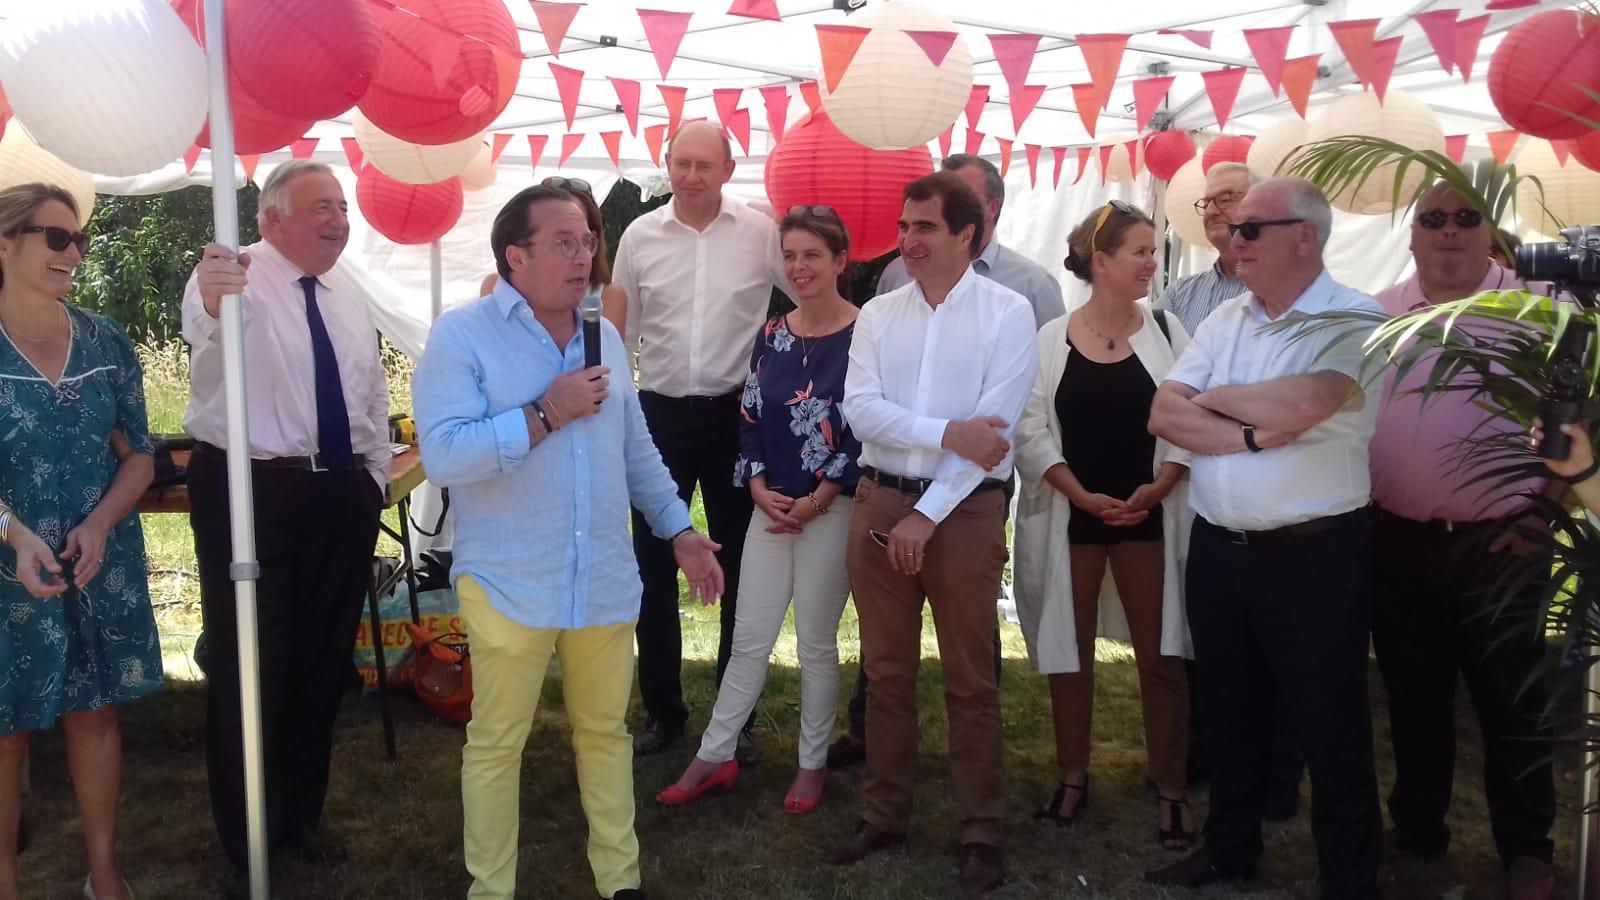 Grande fête départementale de la fédération « Les Républicains » des Yvelines